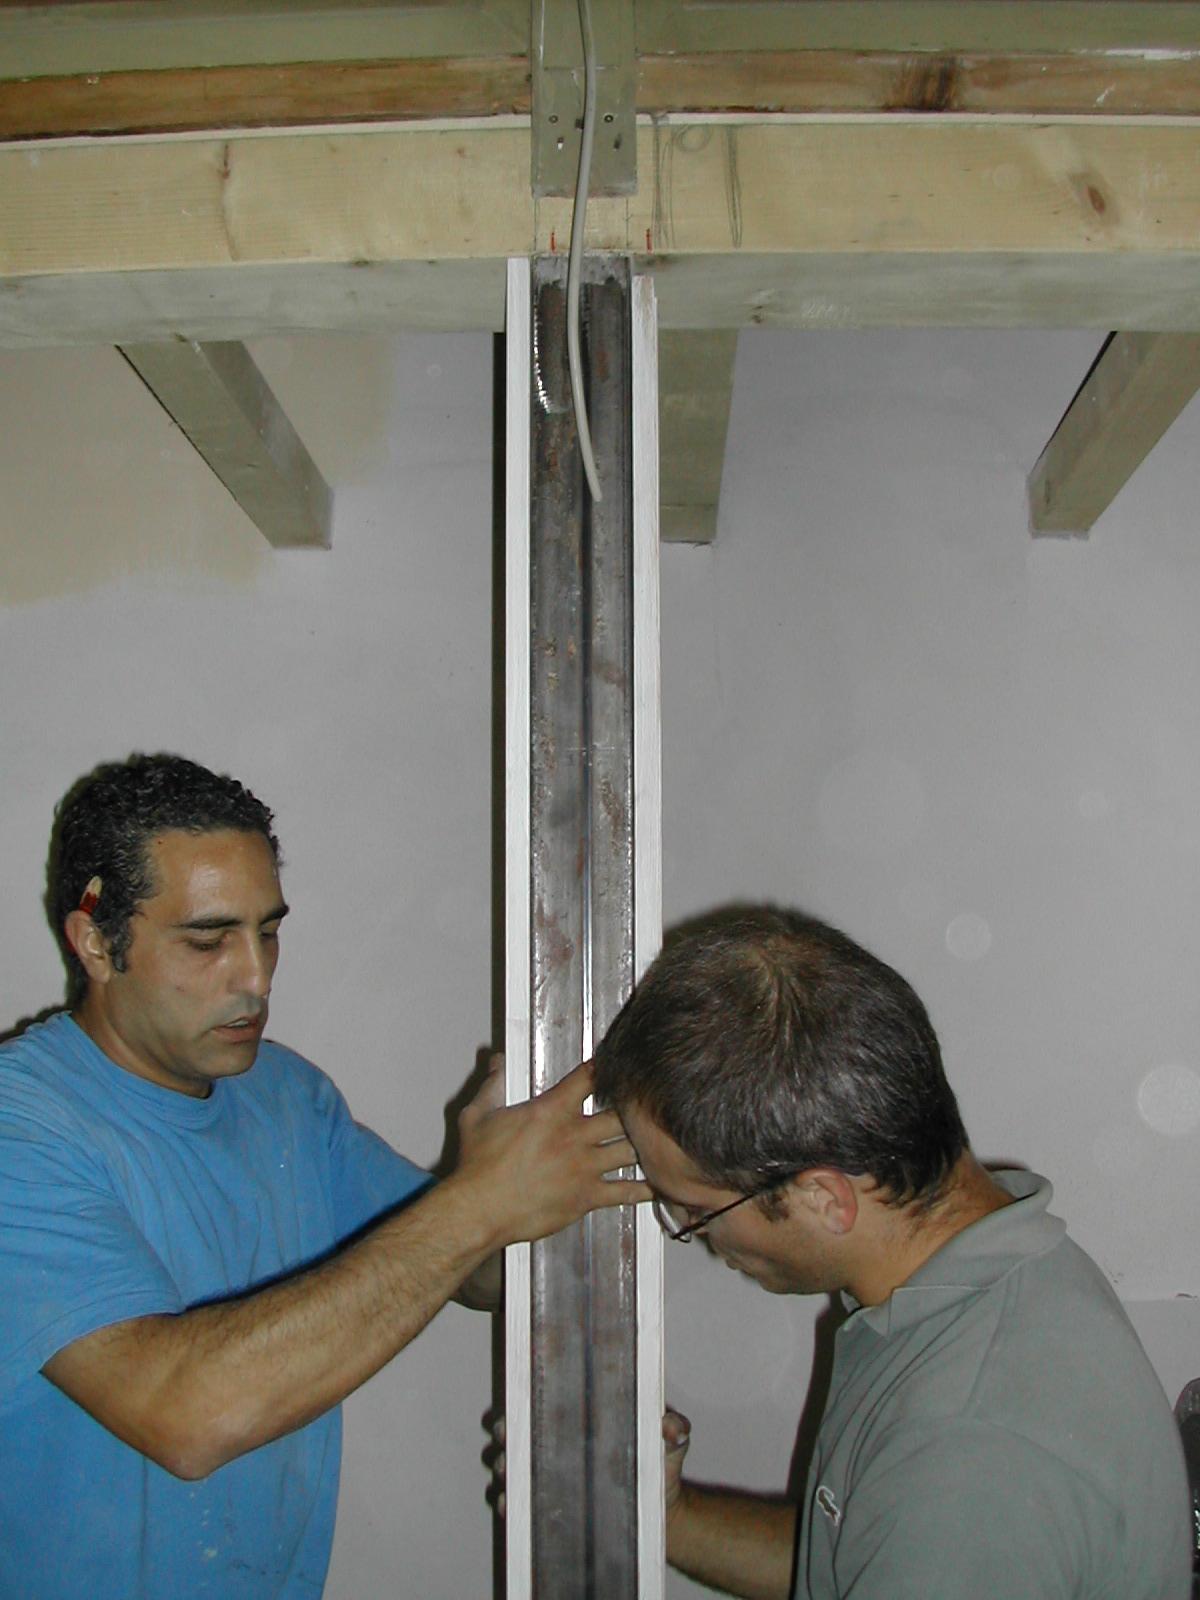 Posa in opera di uno dei nuovi pilastrini della platea con inserimento del tubolare di ferro